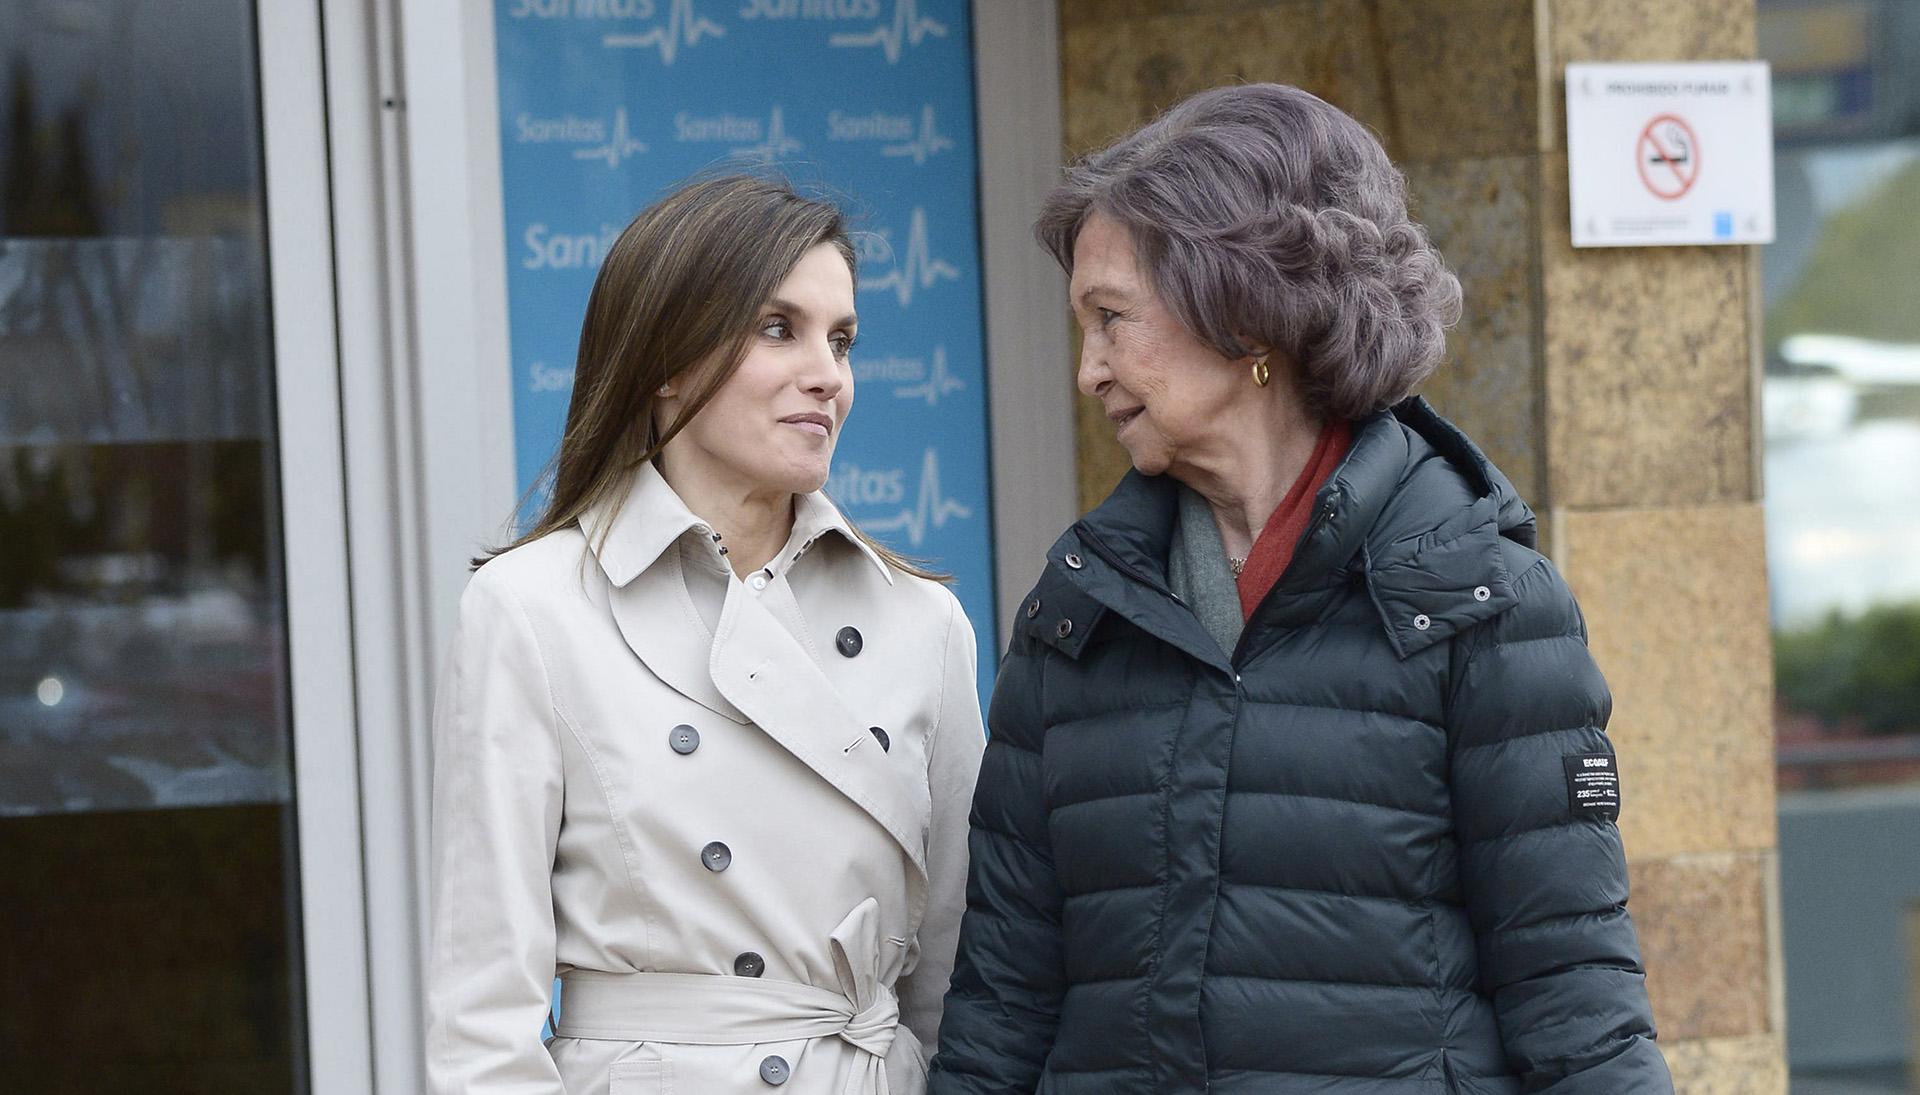 Los medios españoles resaltan que Letizia y su suegra tienen una relación conflictiva, pese a que ambas se muestran cordiales en público.